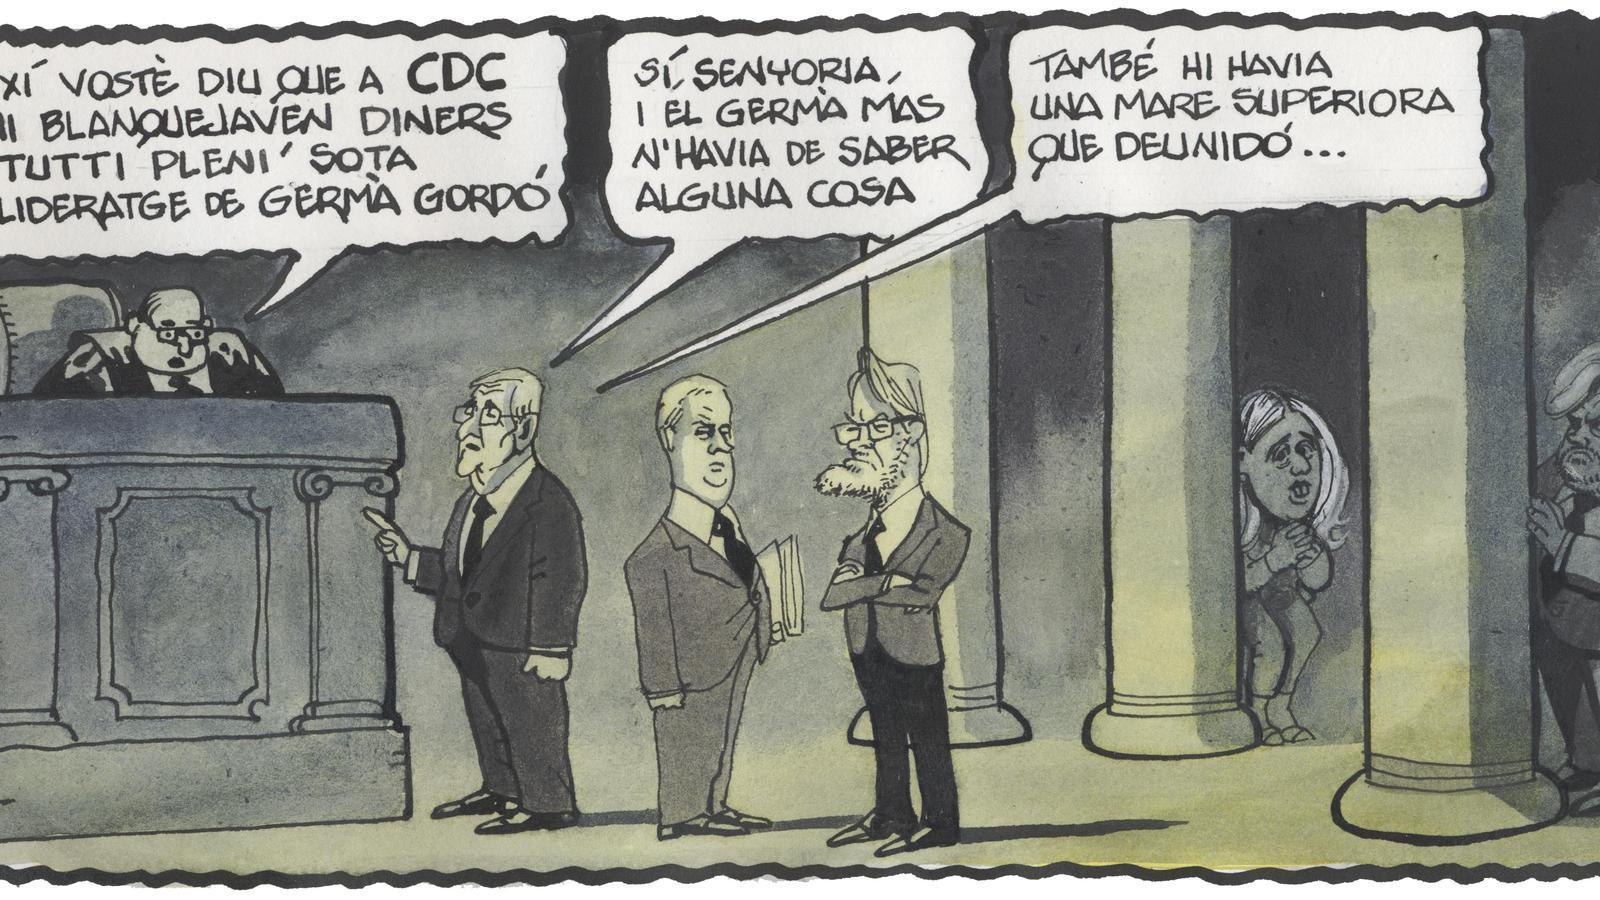 'A la contra', per Ferreres 28/10/2020